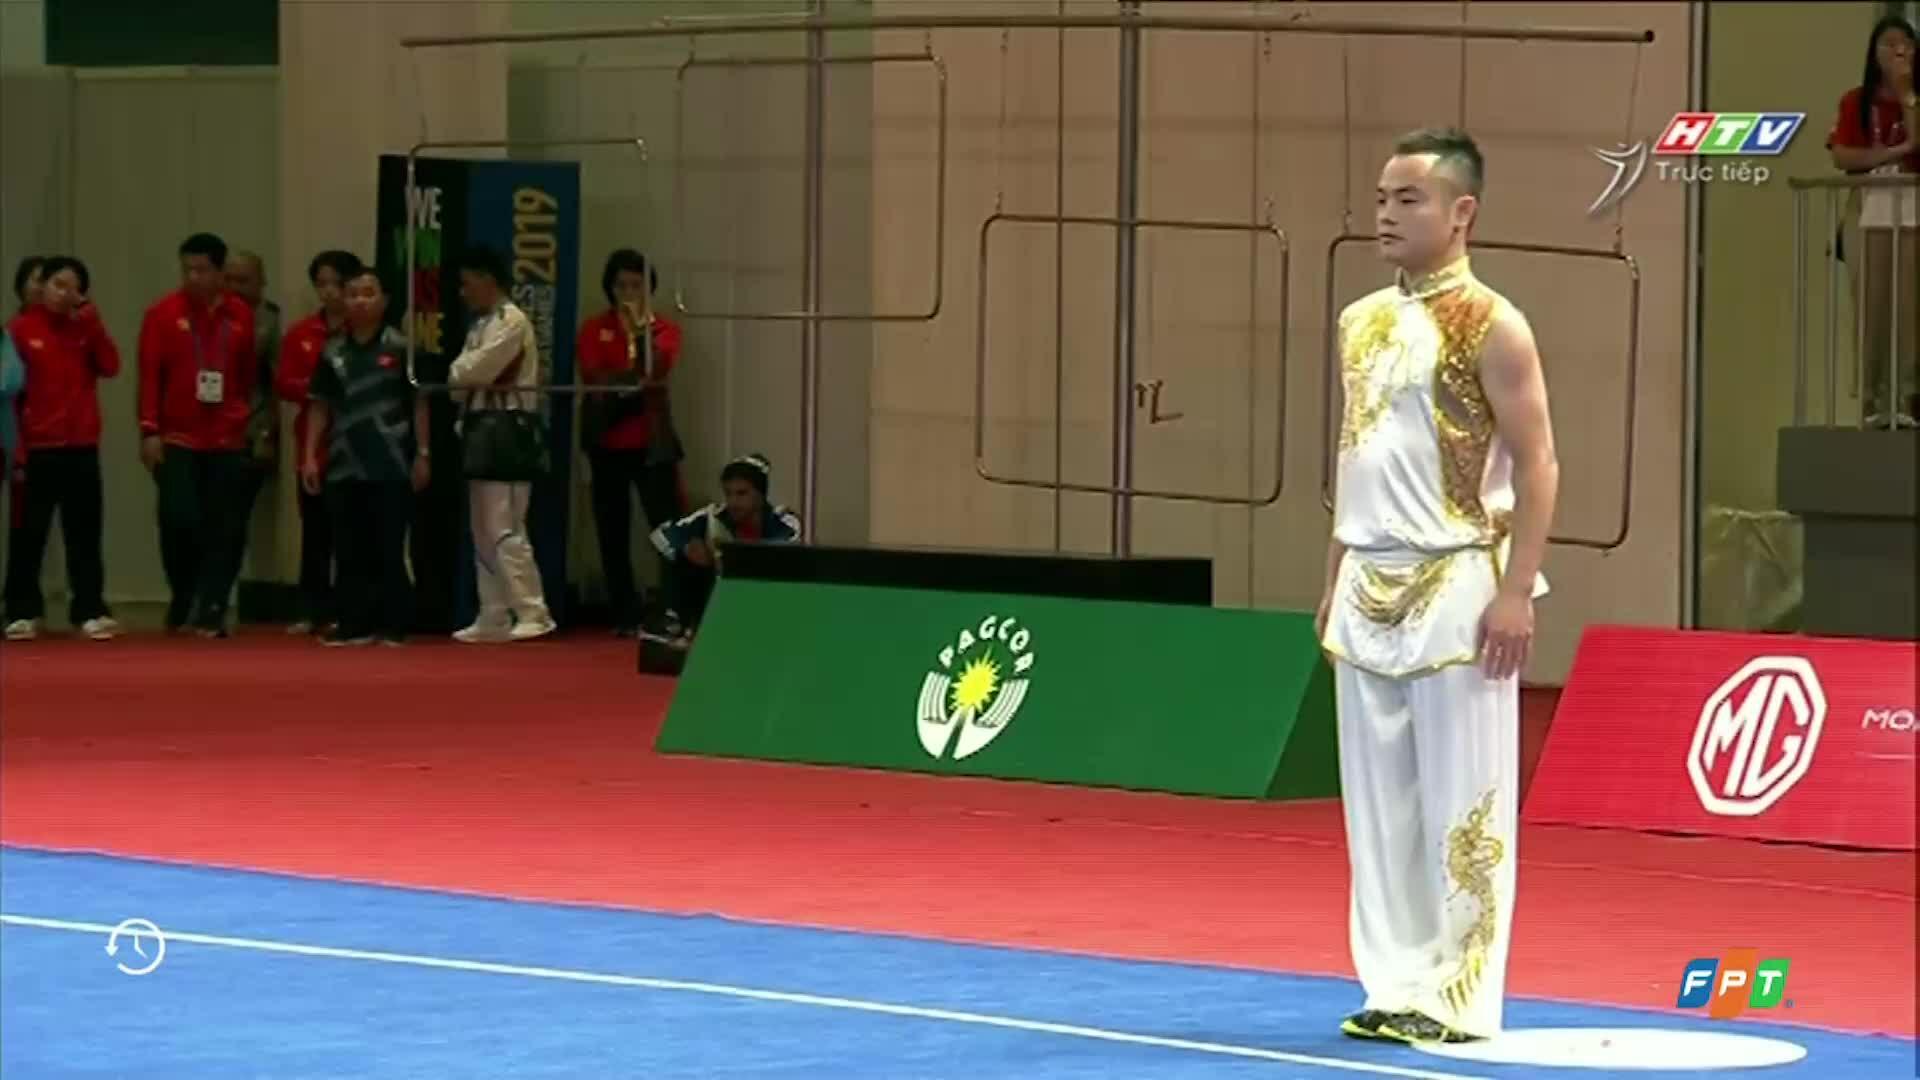 Phạm Quốc Khánh giành HC Vàng Wusu